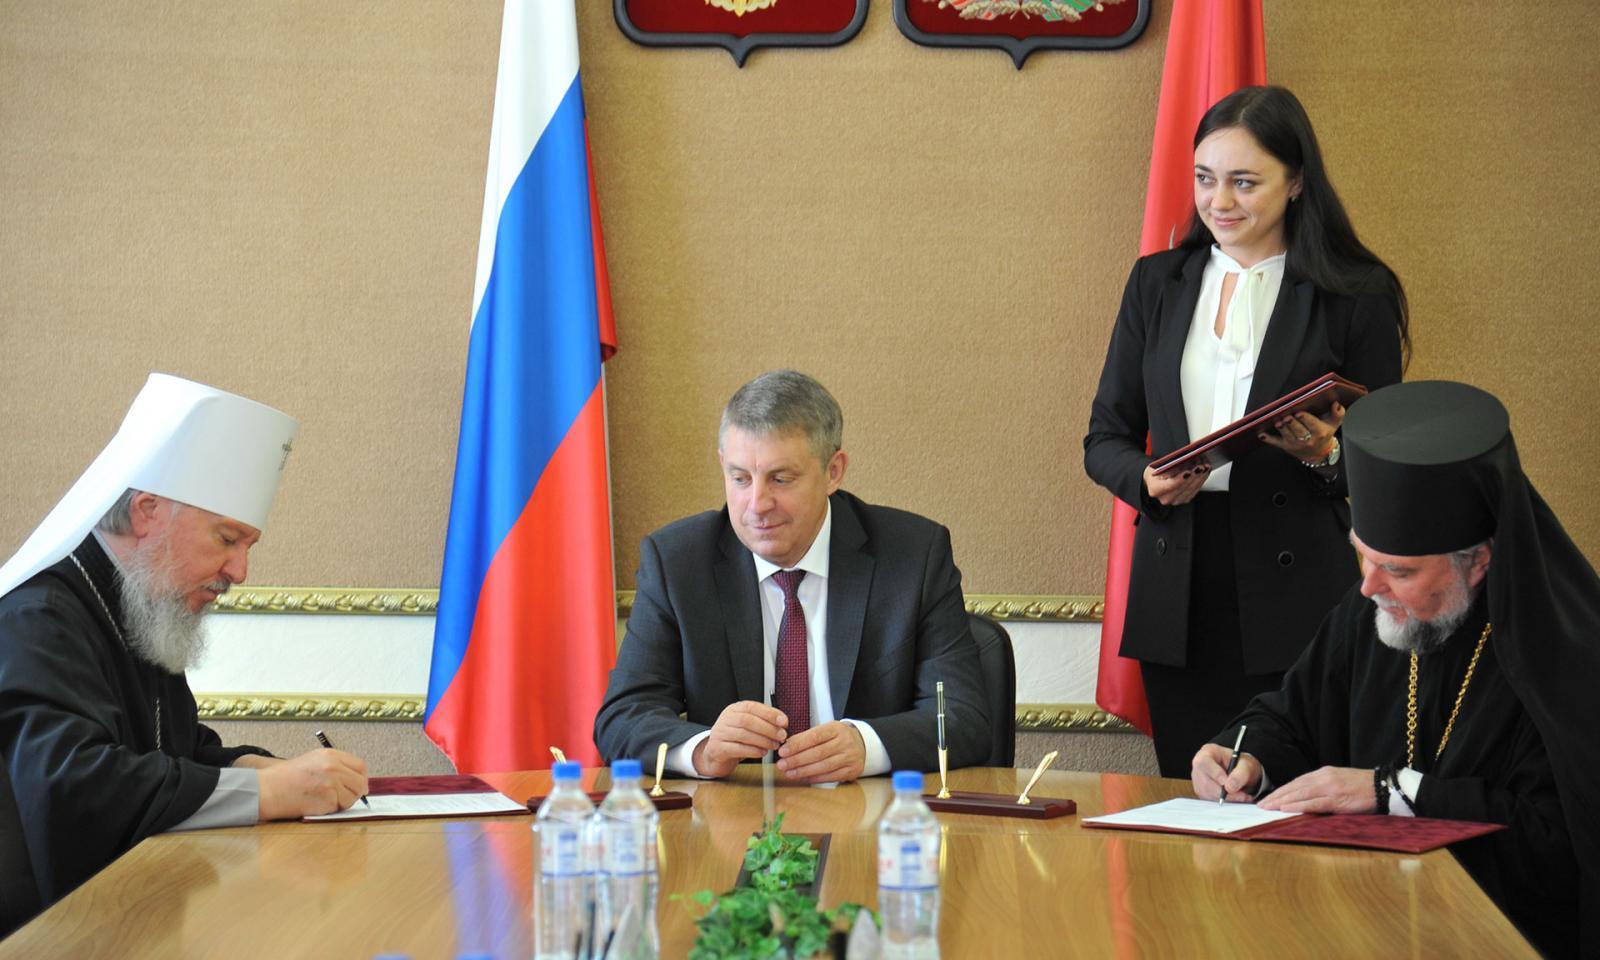 Правительство области иБрянская митрополия подписали соглашение осотрудничестве